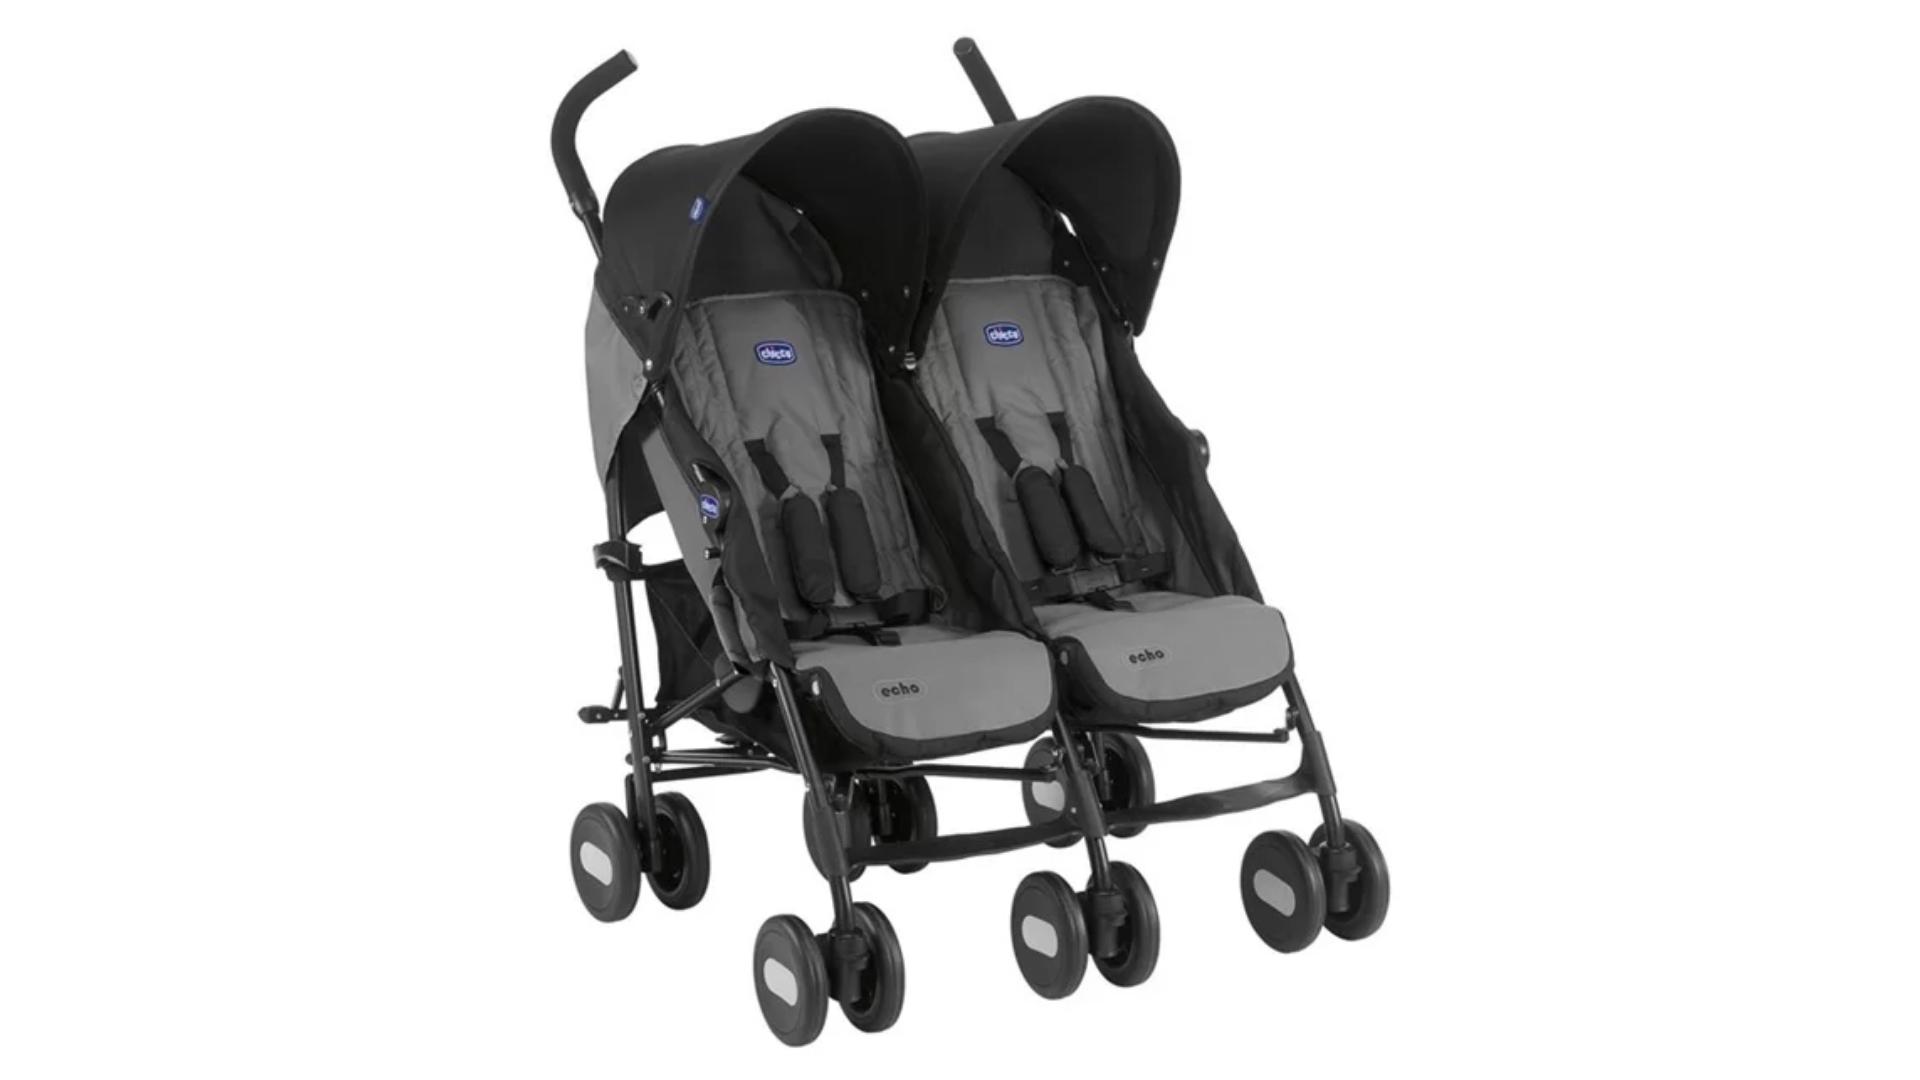 O carrinho de bebê duplo é indicado para pais de gêmeos (Imagem: Divulgação/Chicco)